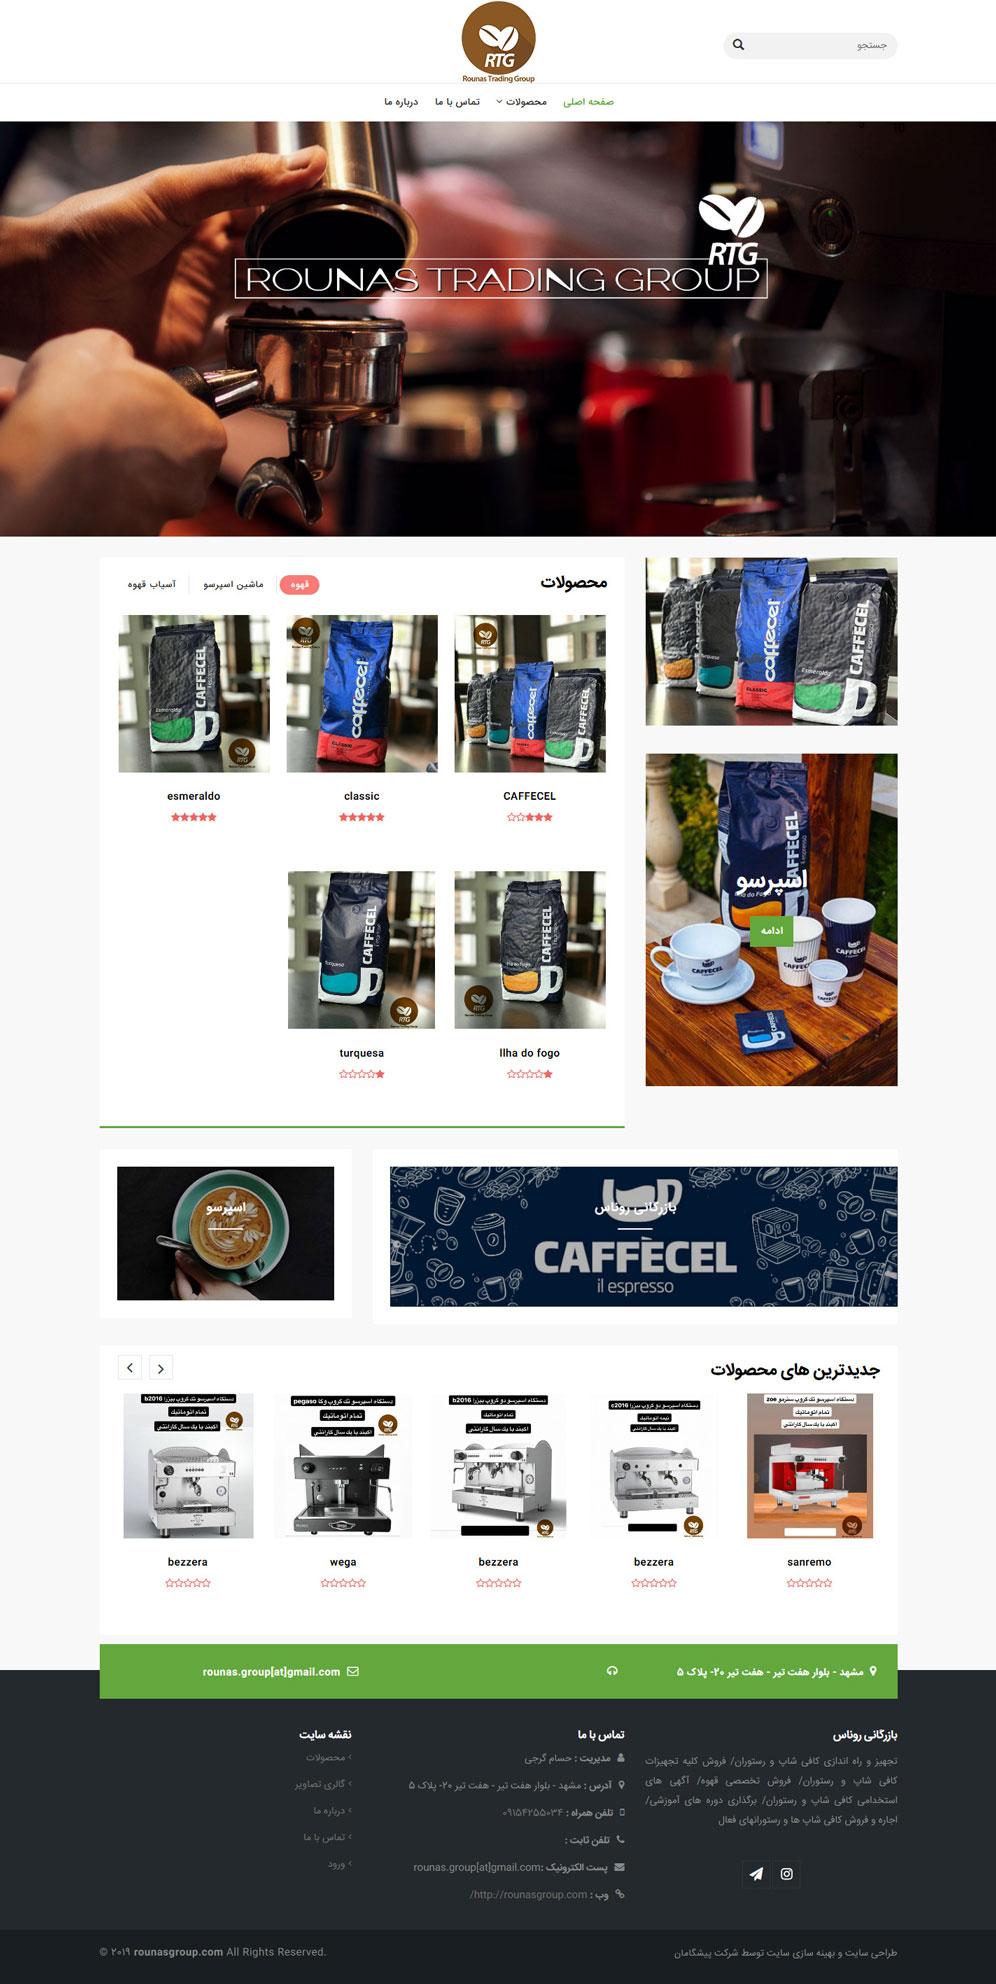 طراحی سایت فروشگاهی بازرگانی روناس